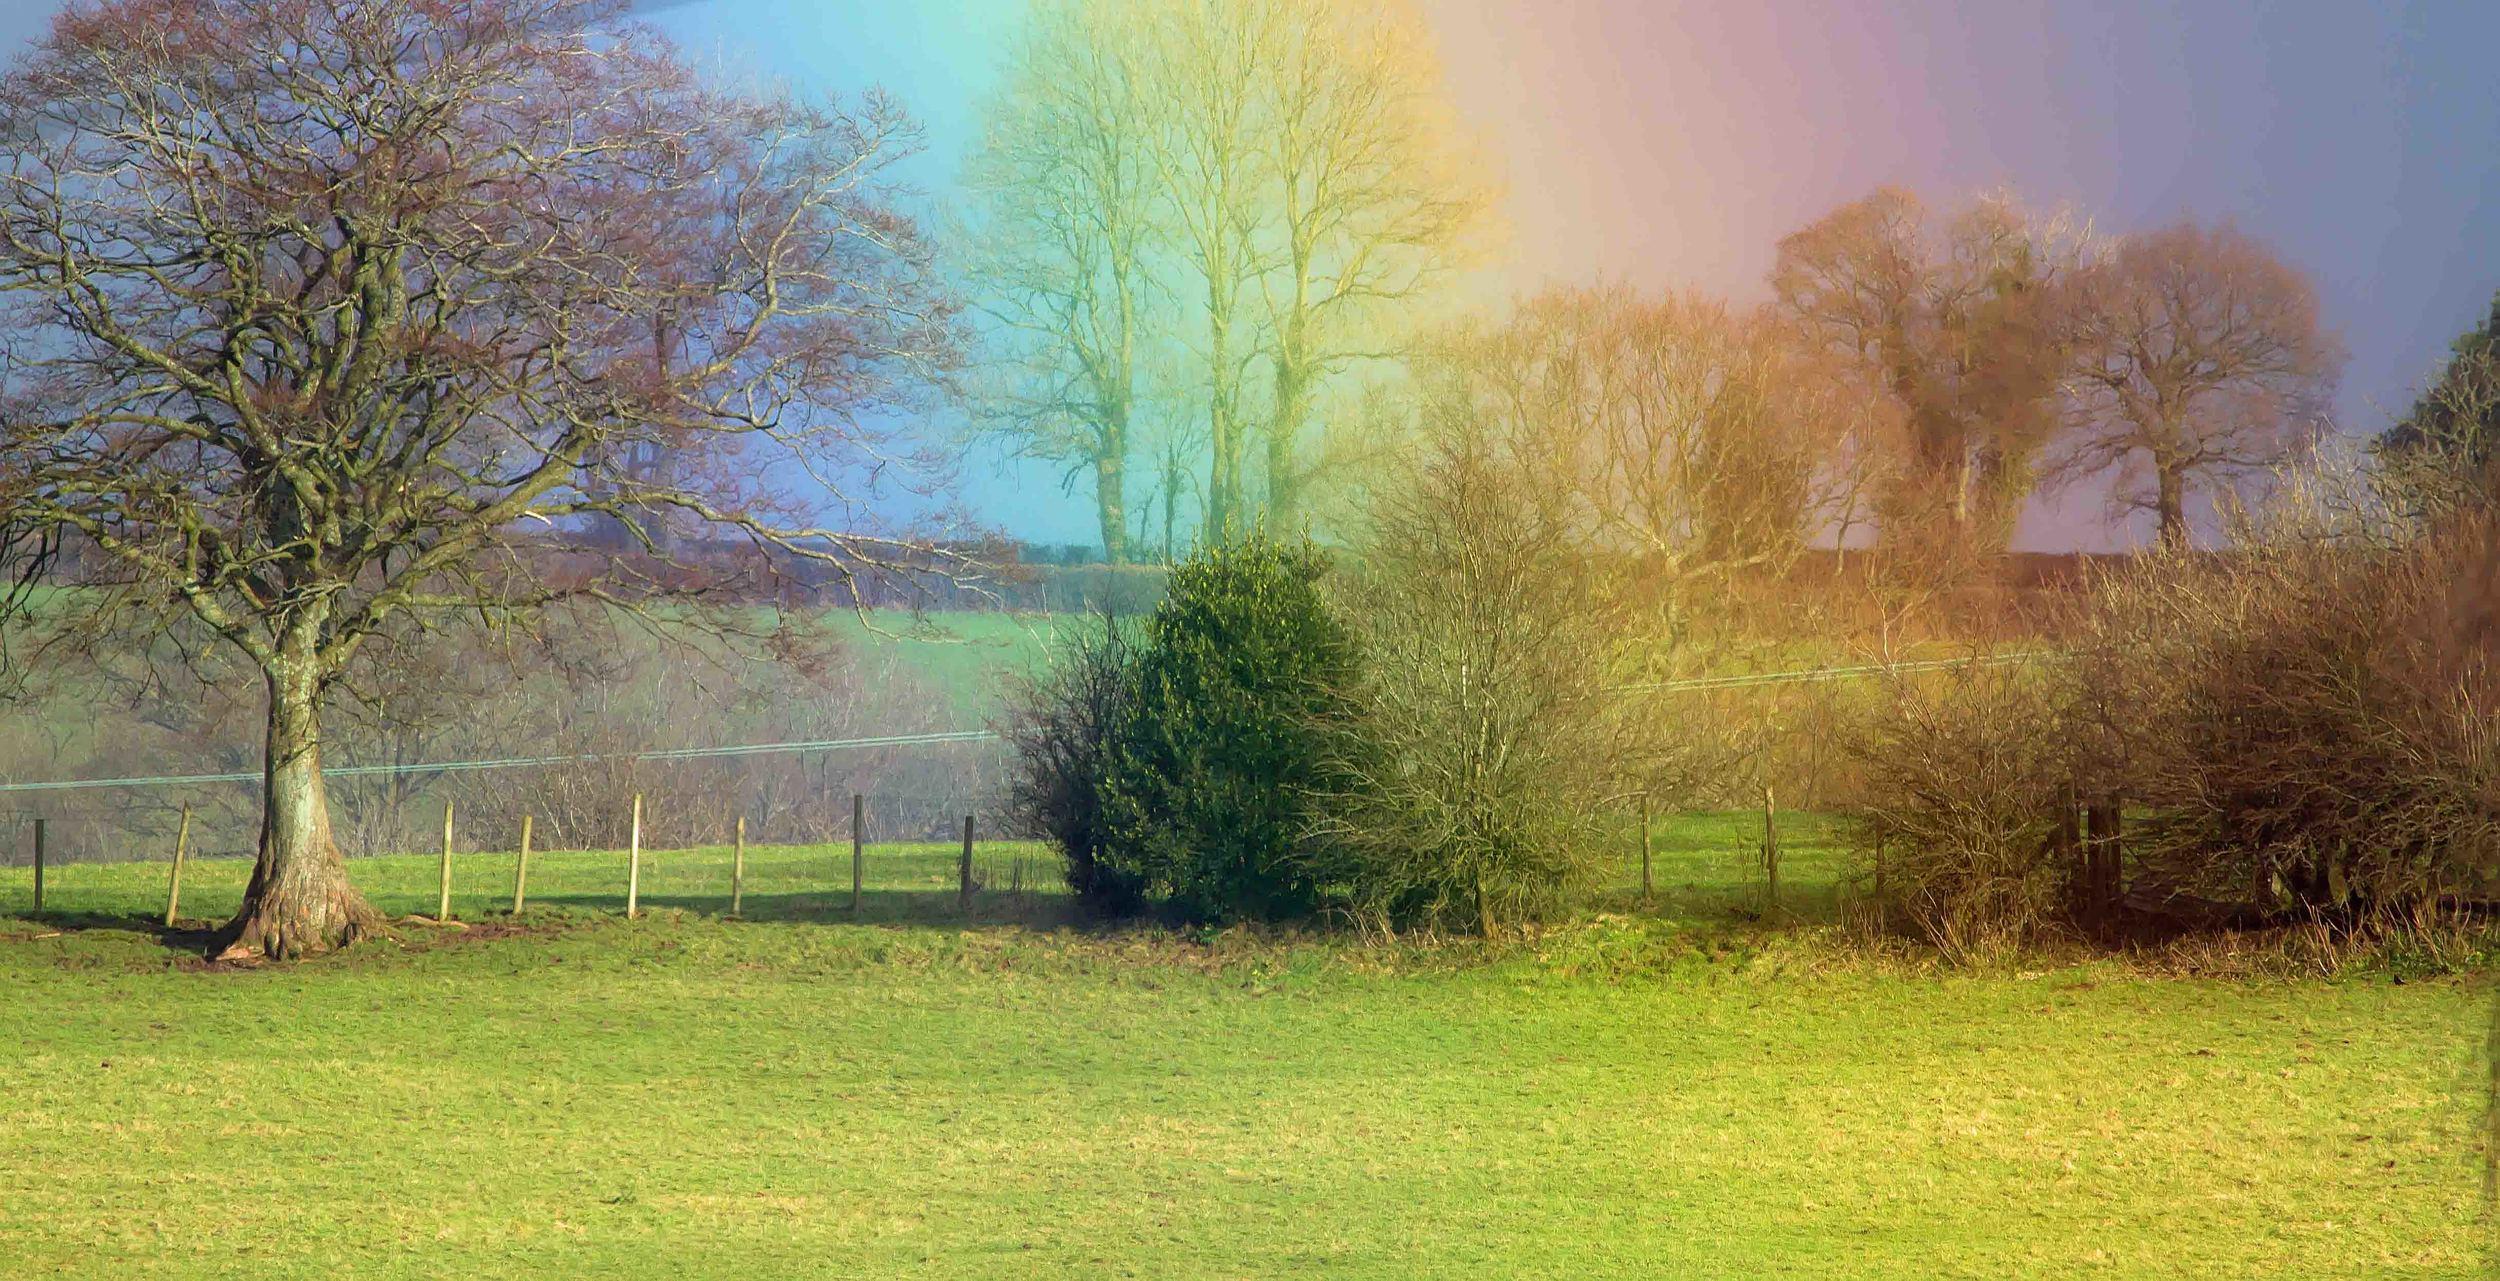 Rainbow in field 16th Jan.jpg